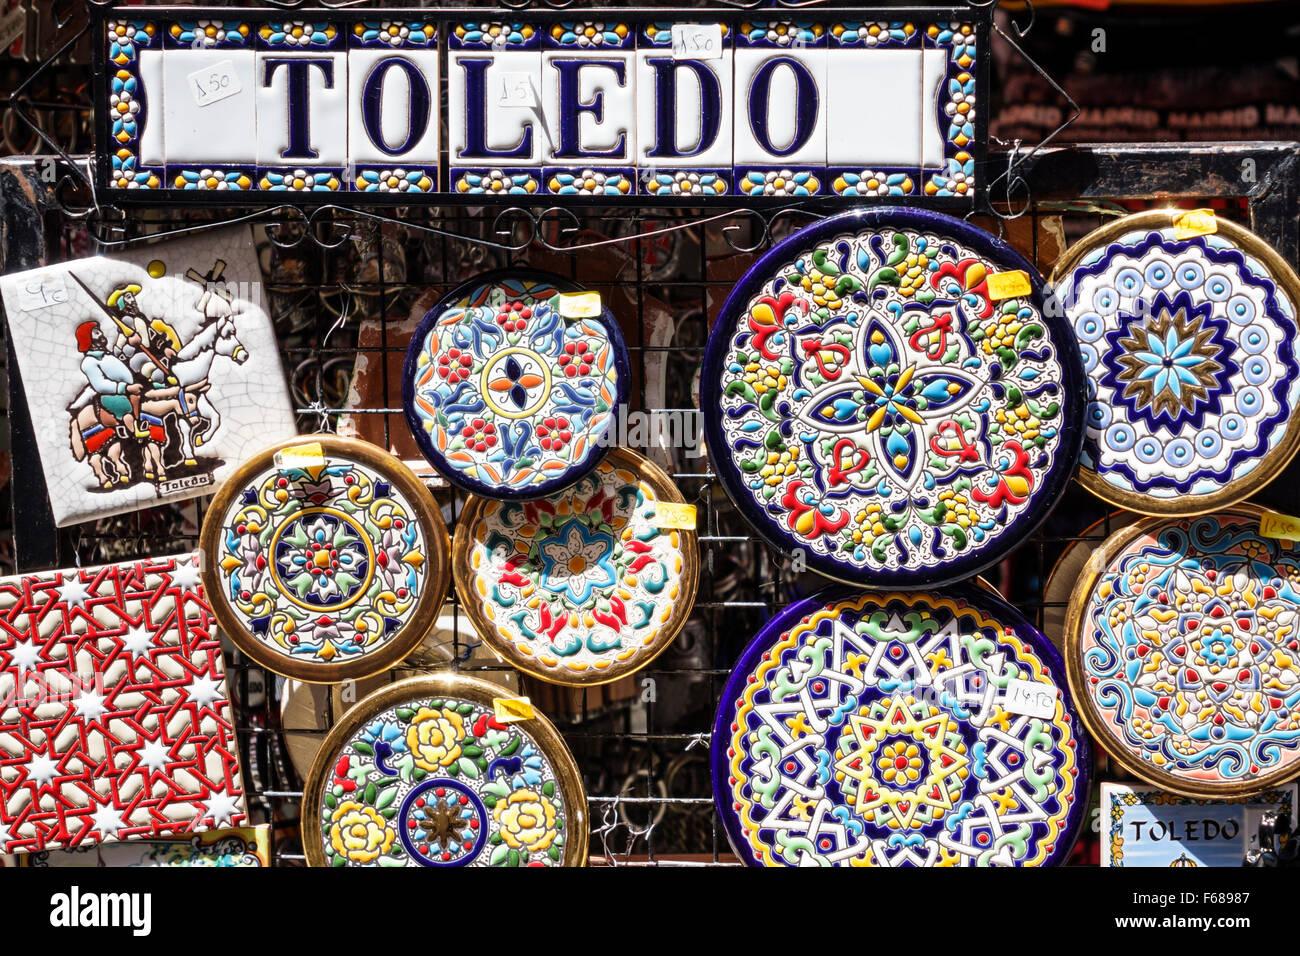 Toledo Espagne Europe hispaniques espagnol cadeaux entreprise magasin  souvenirs céramique Talavera poterie Photo Stock cea131ba5e8